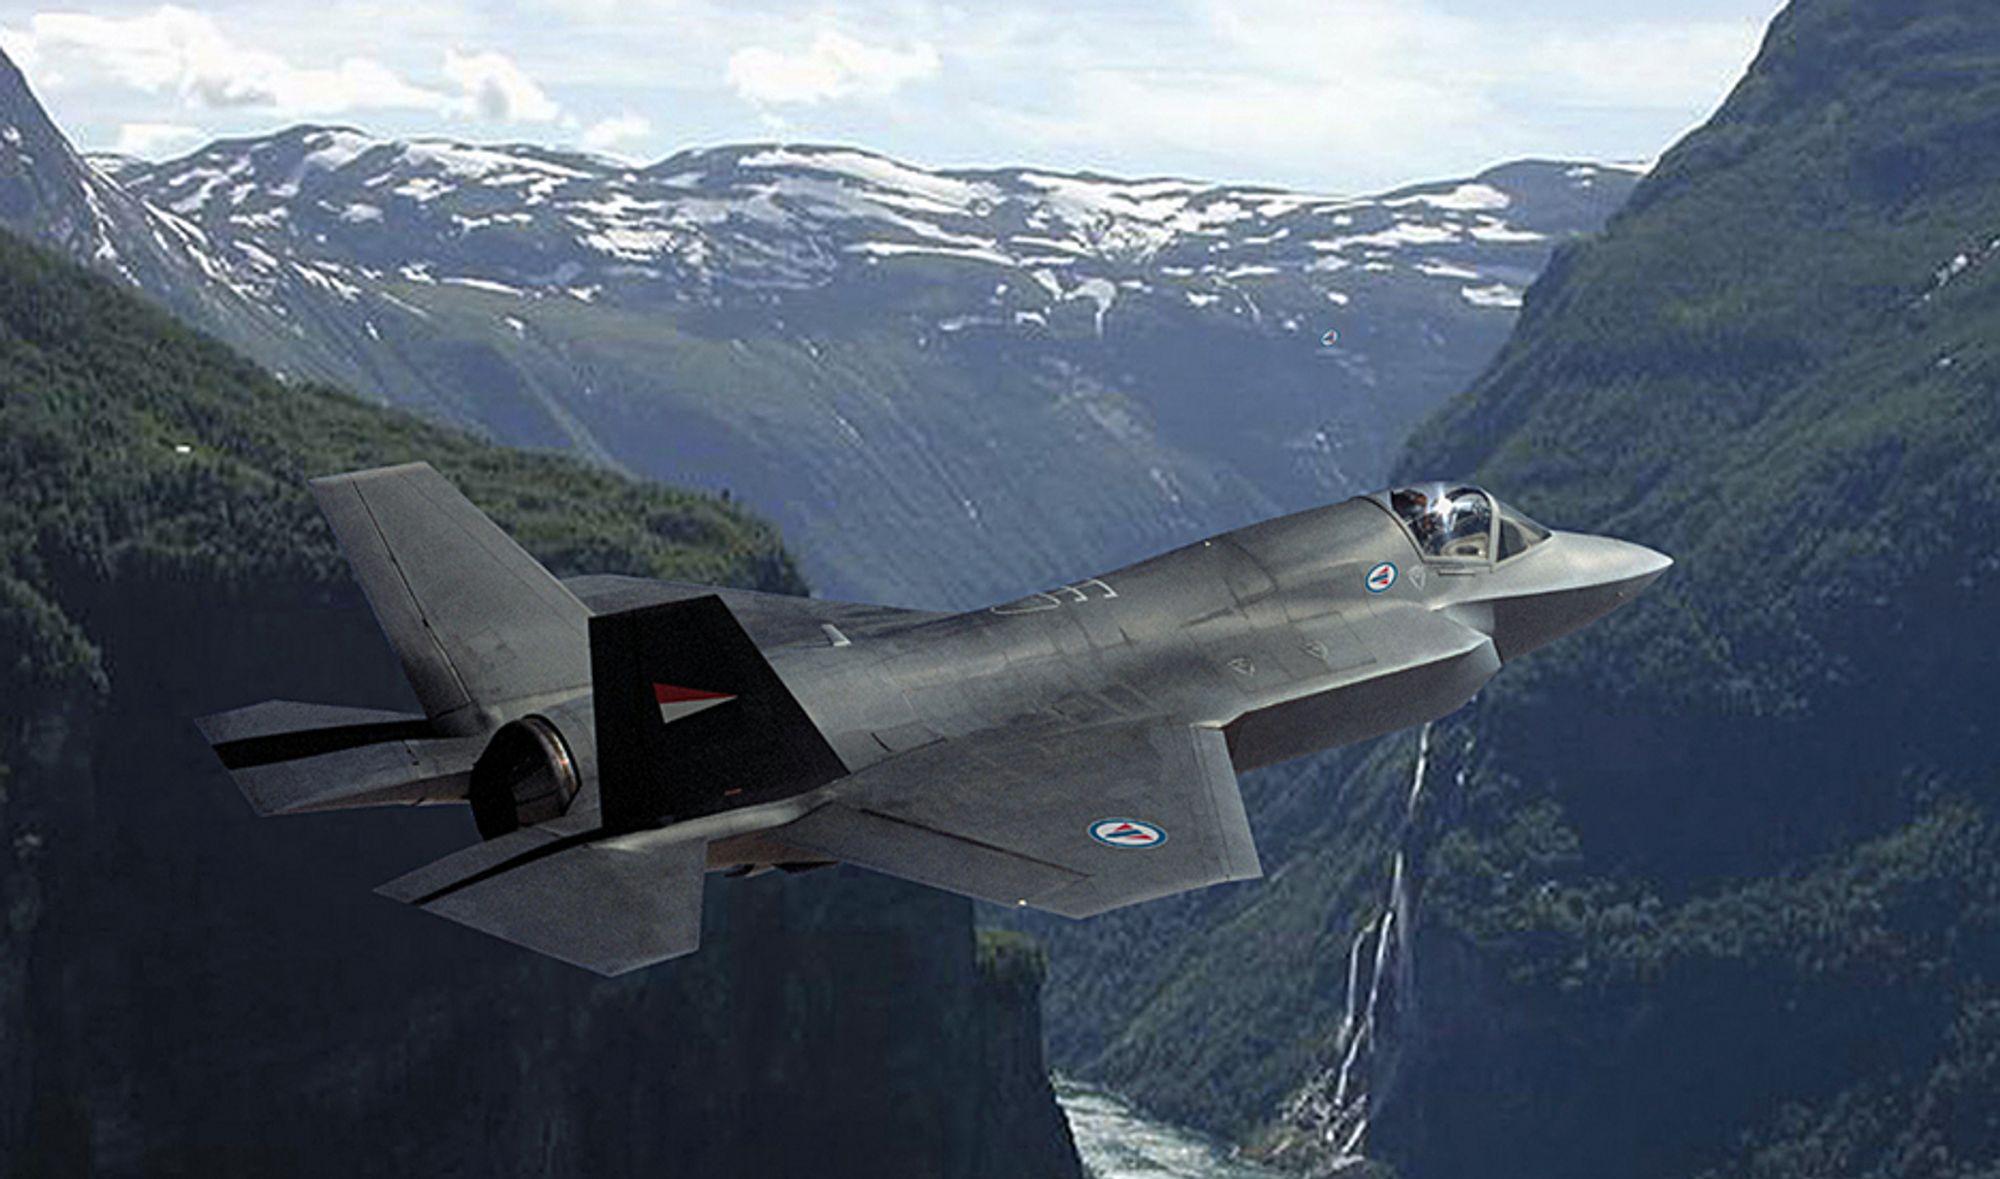 Når F-35 tidligst kan fly blant norske fjell og fjorder, vil kampflyet fortsatt være i testfasen.